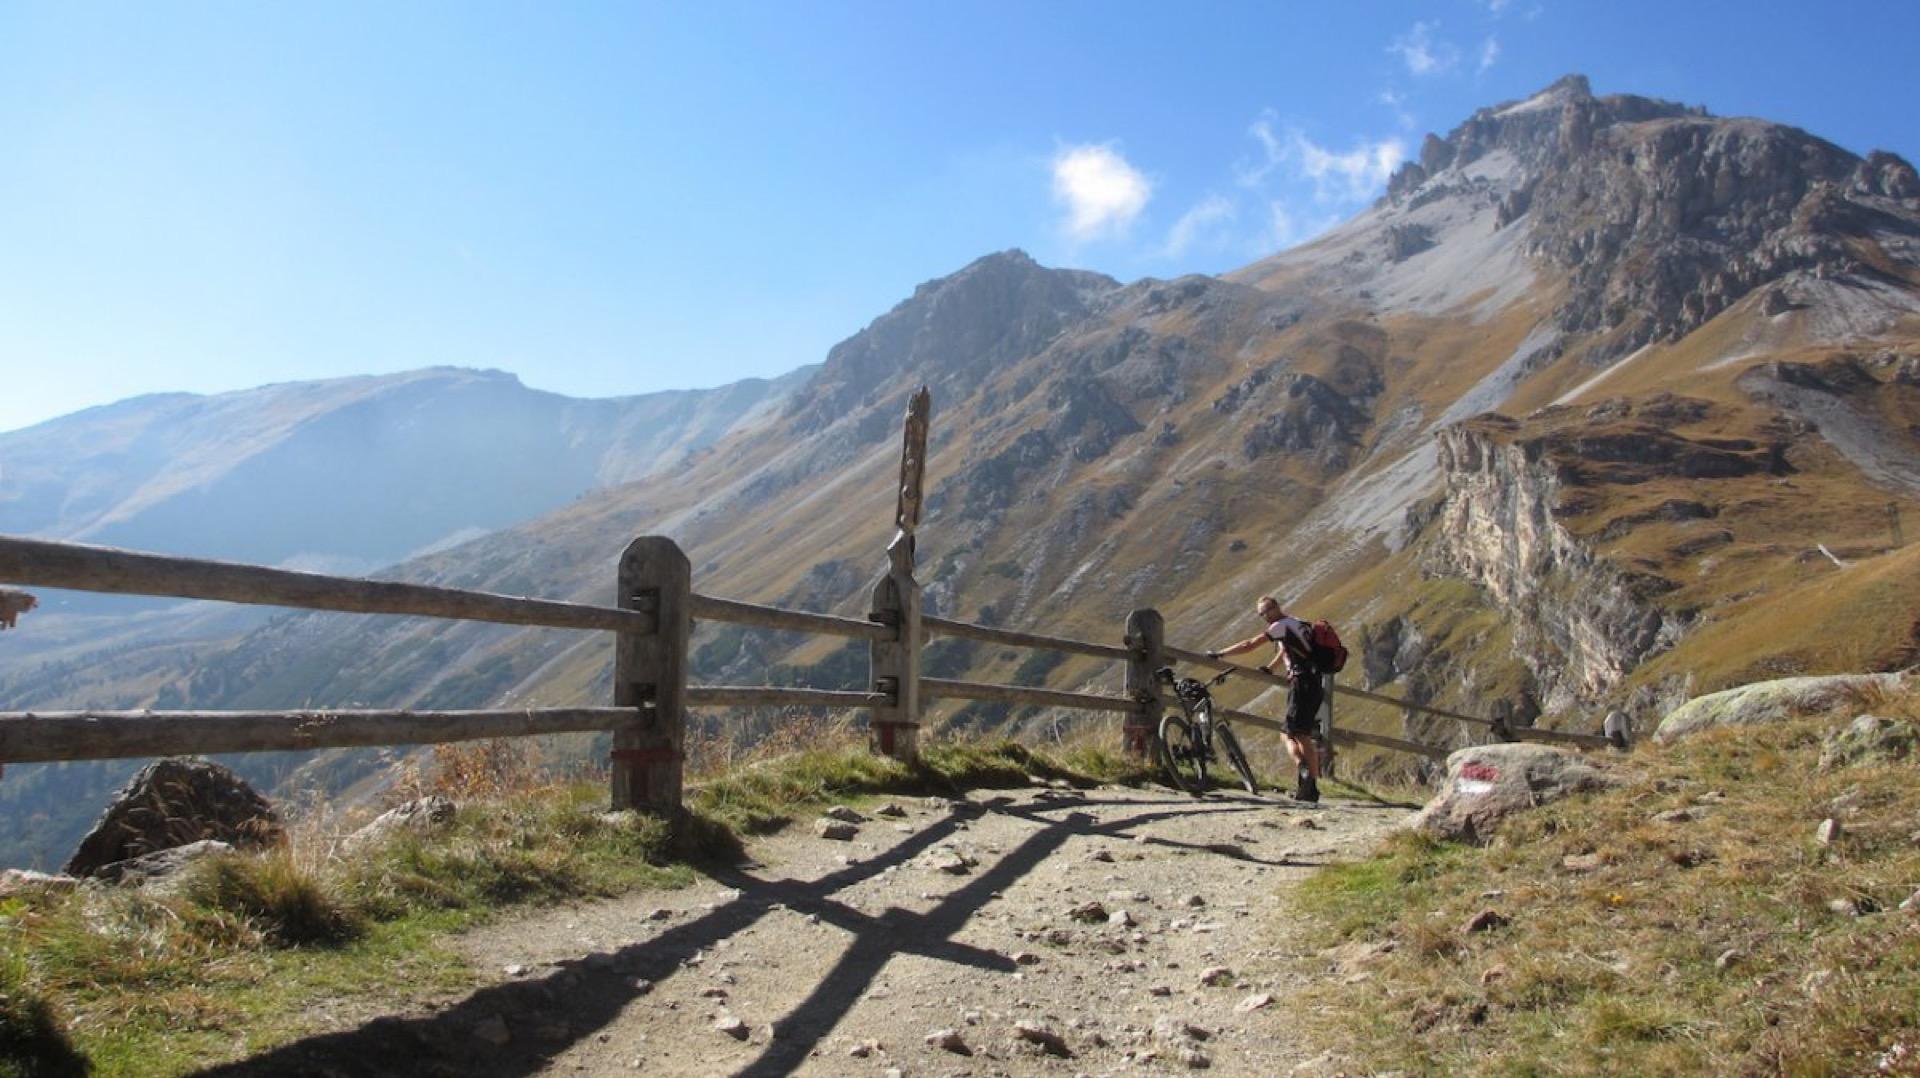 2012-10 // Top of Graubünden